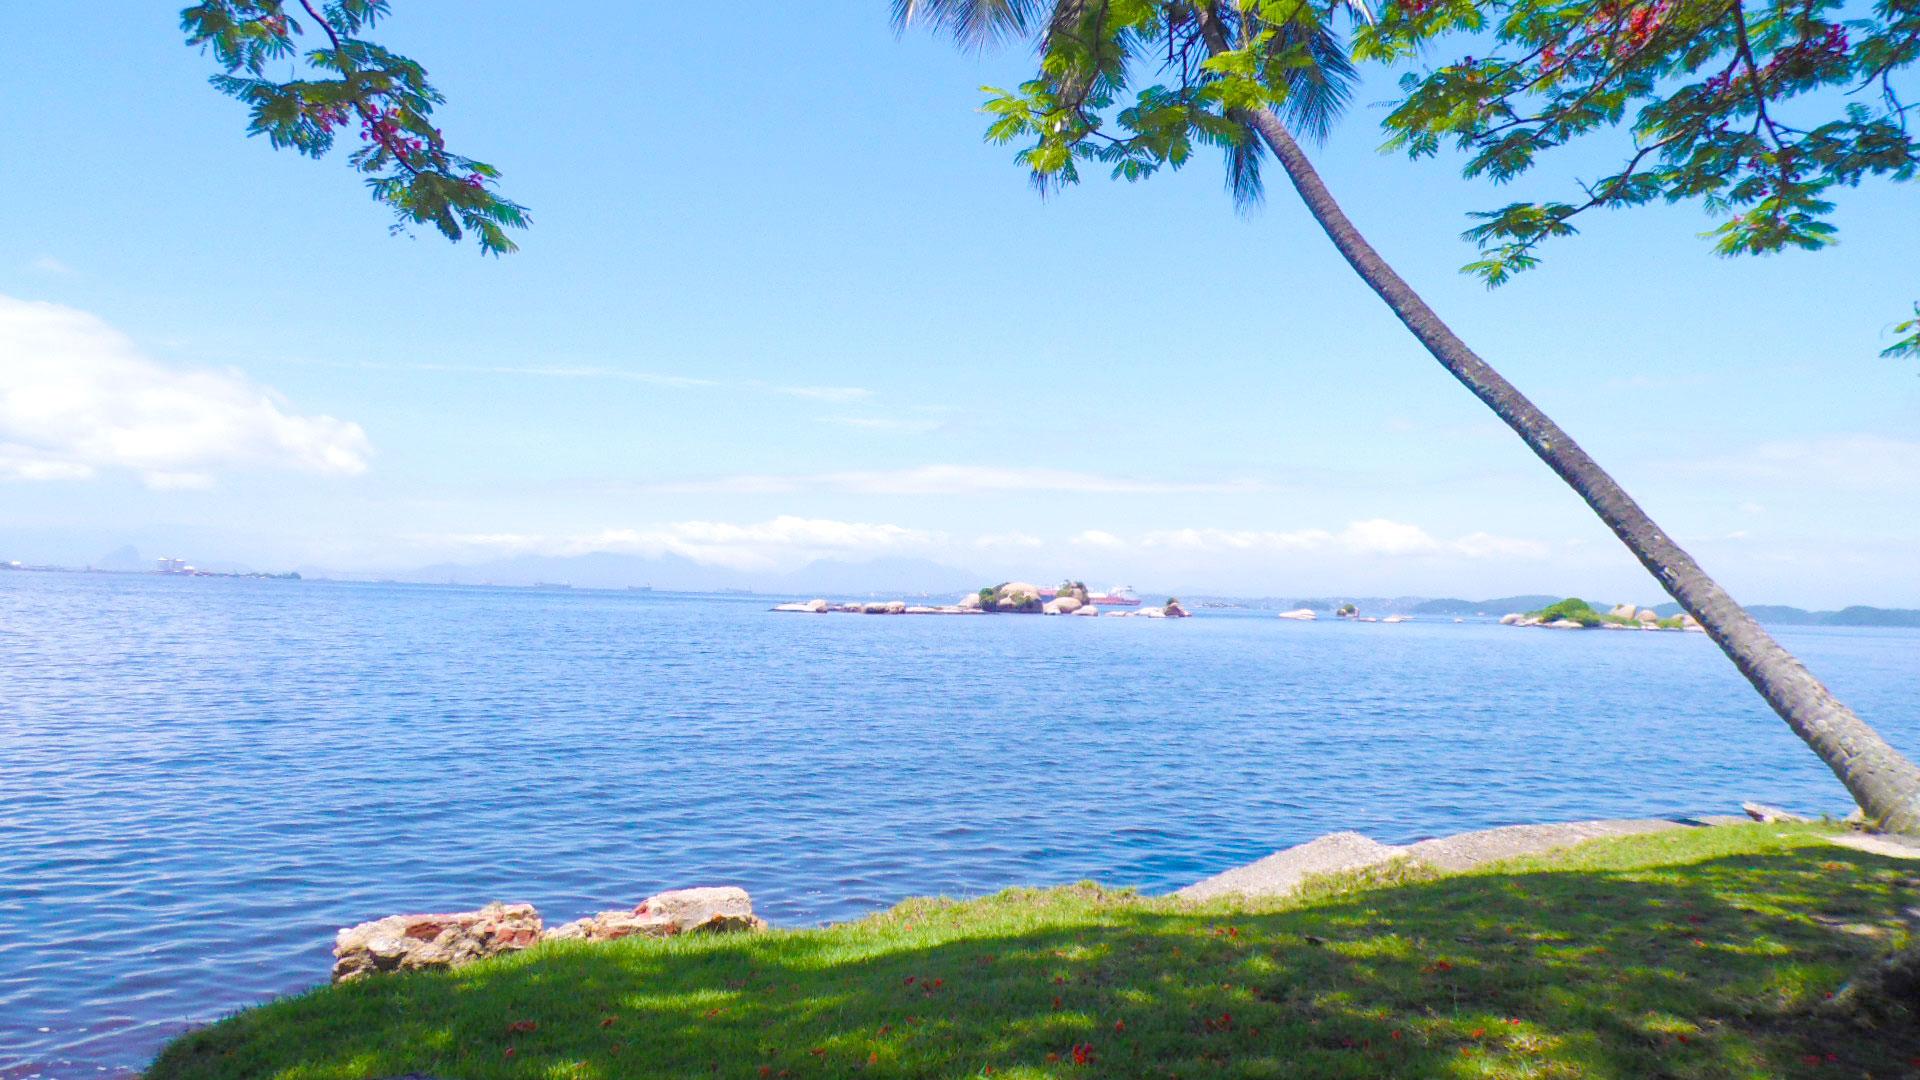 جزیره ی پاکوئتا جزیره ی پاکوئتا